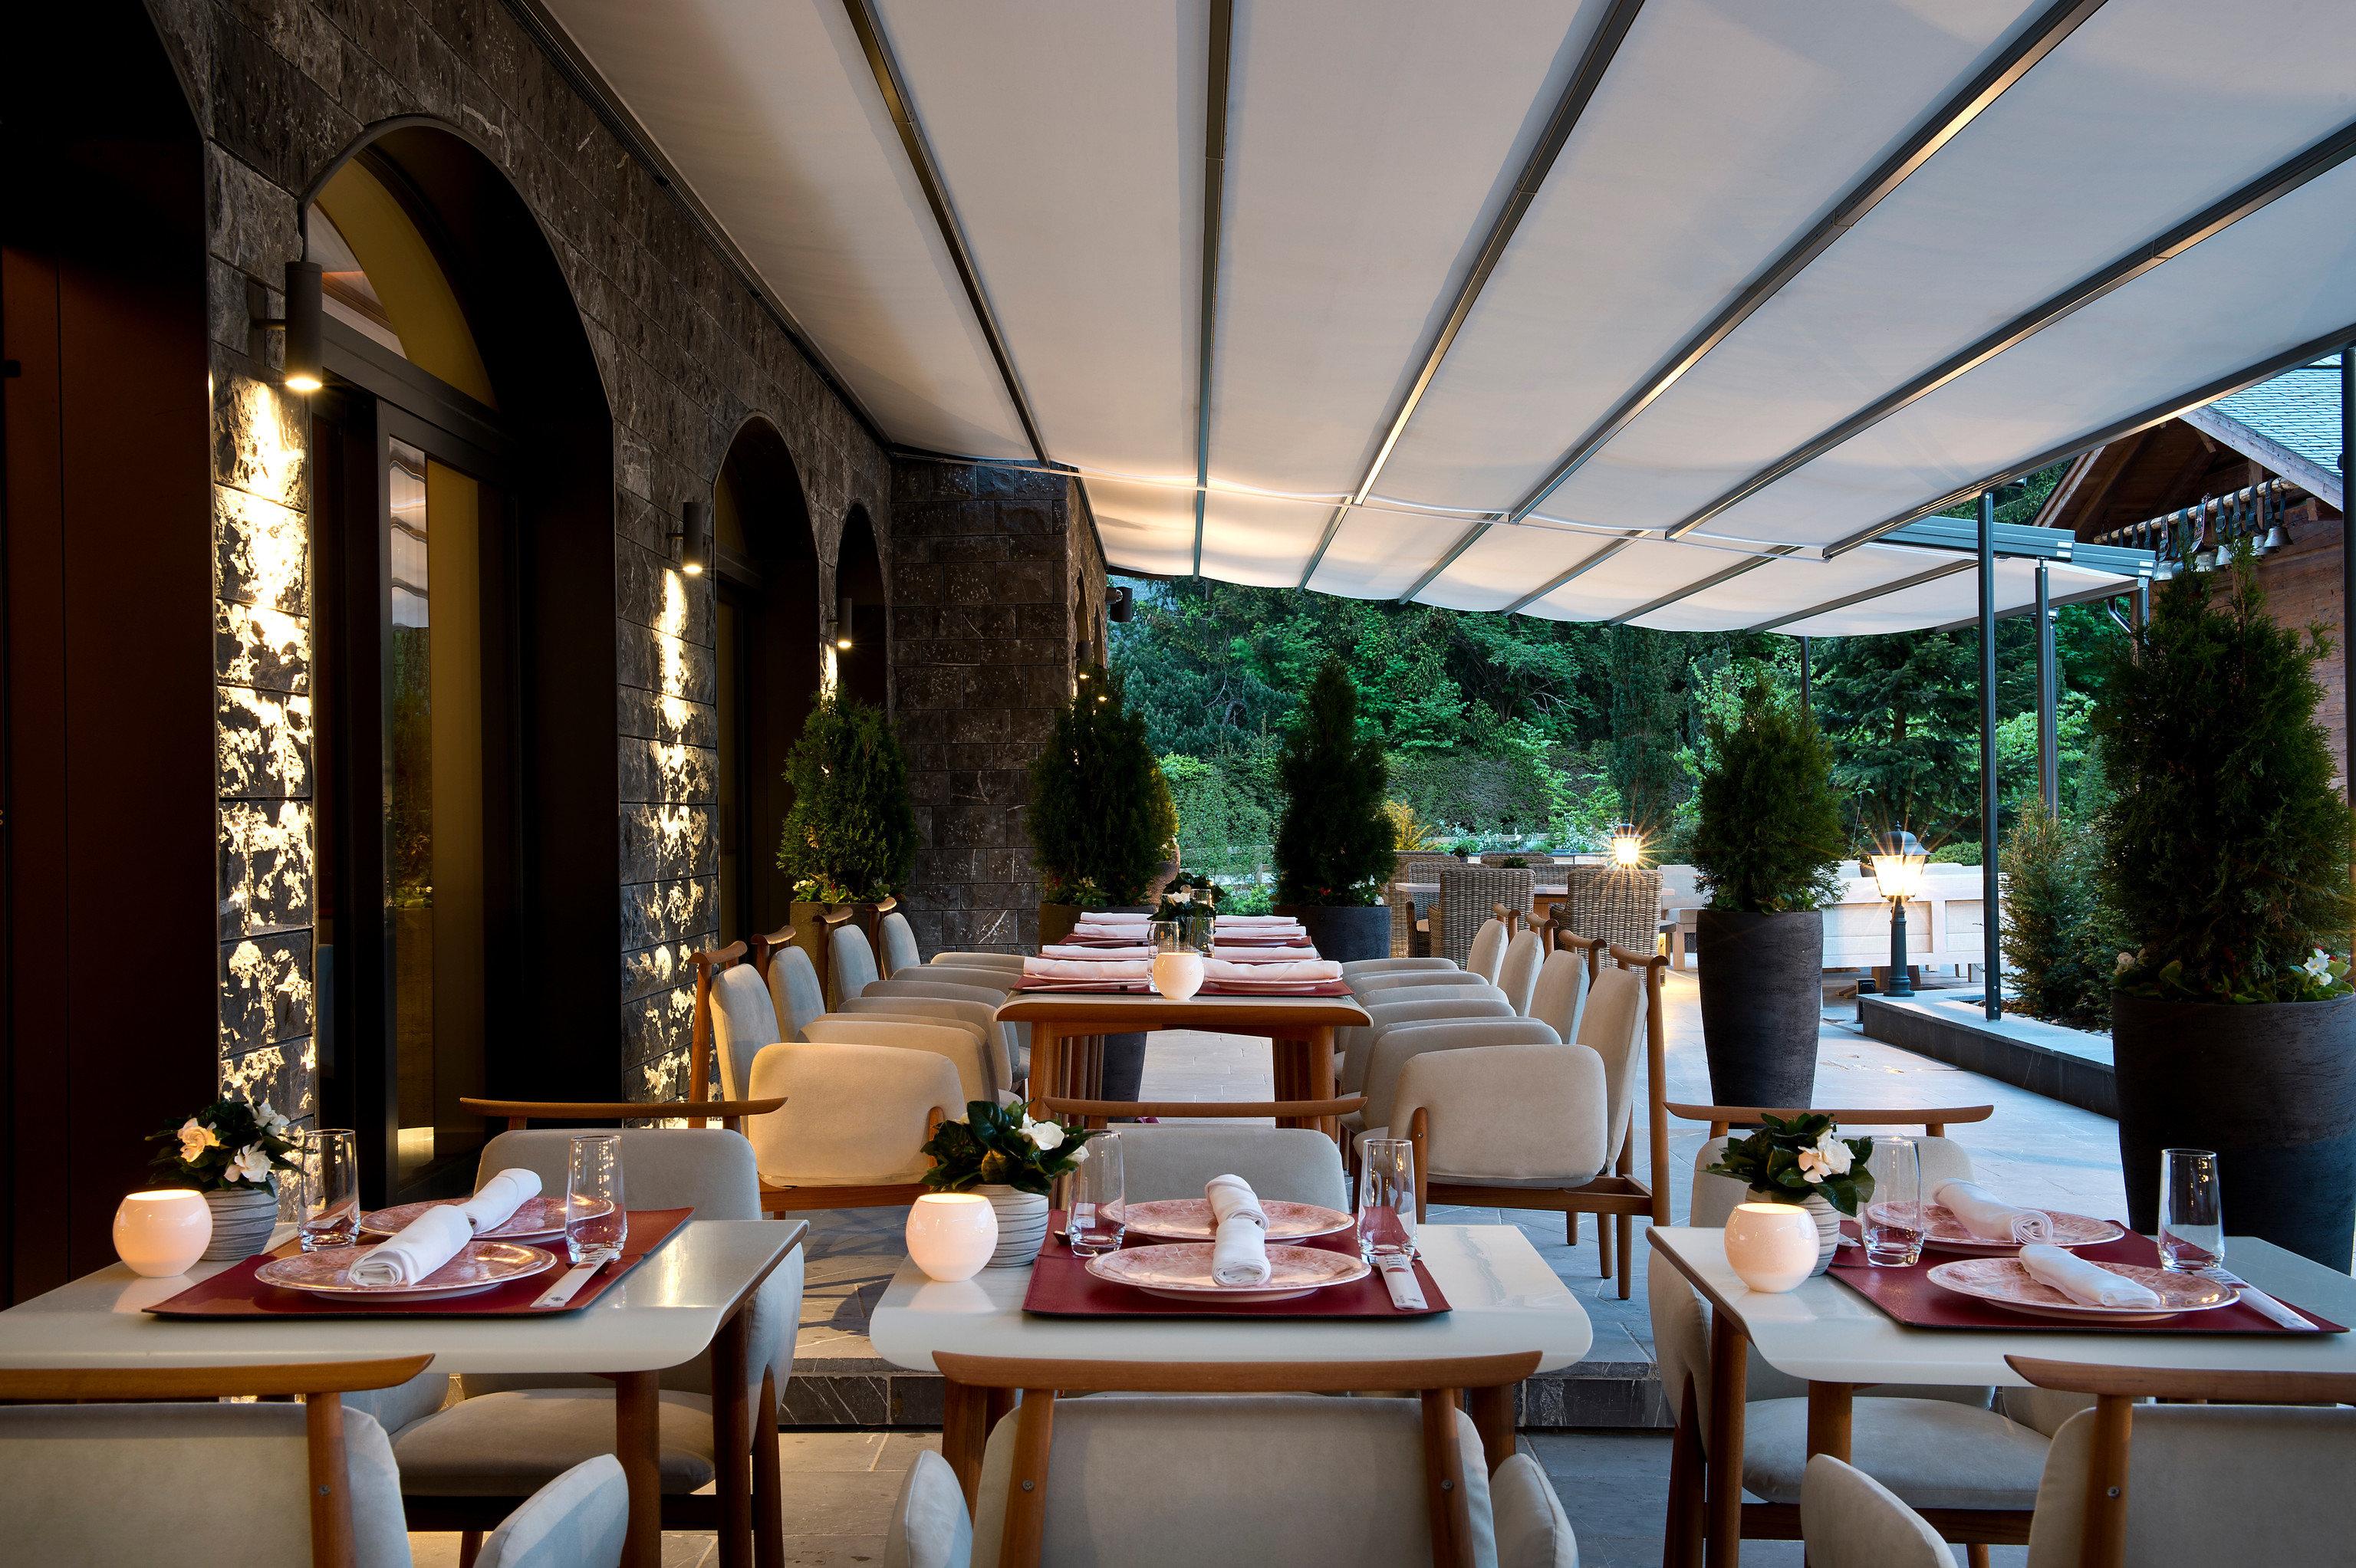 restaurant Resort Dining set